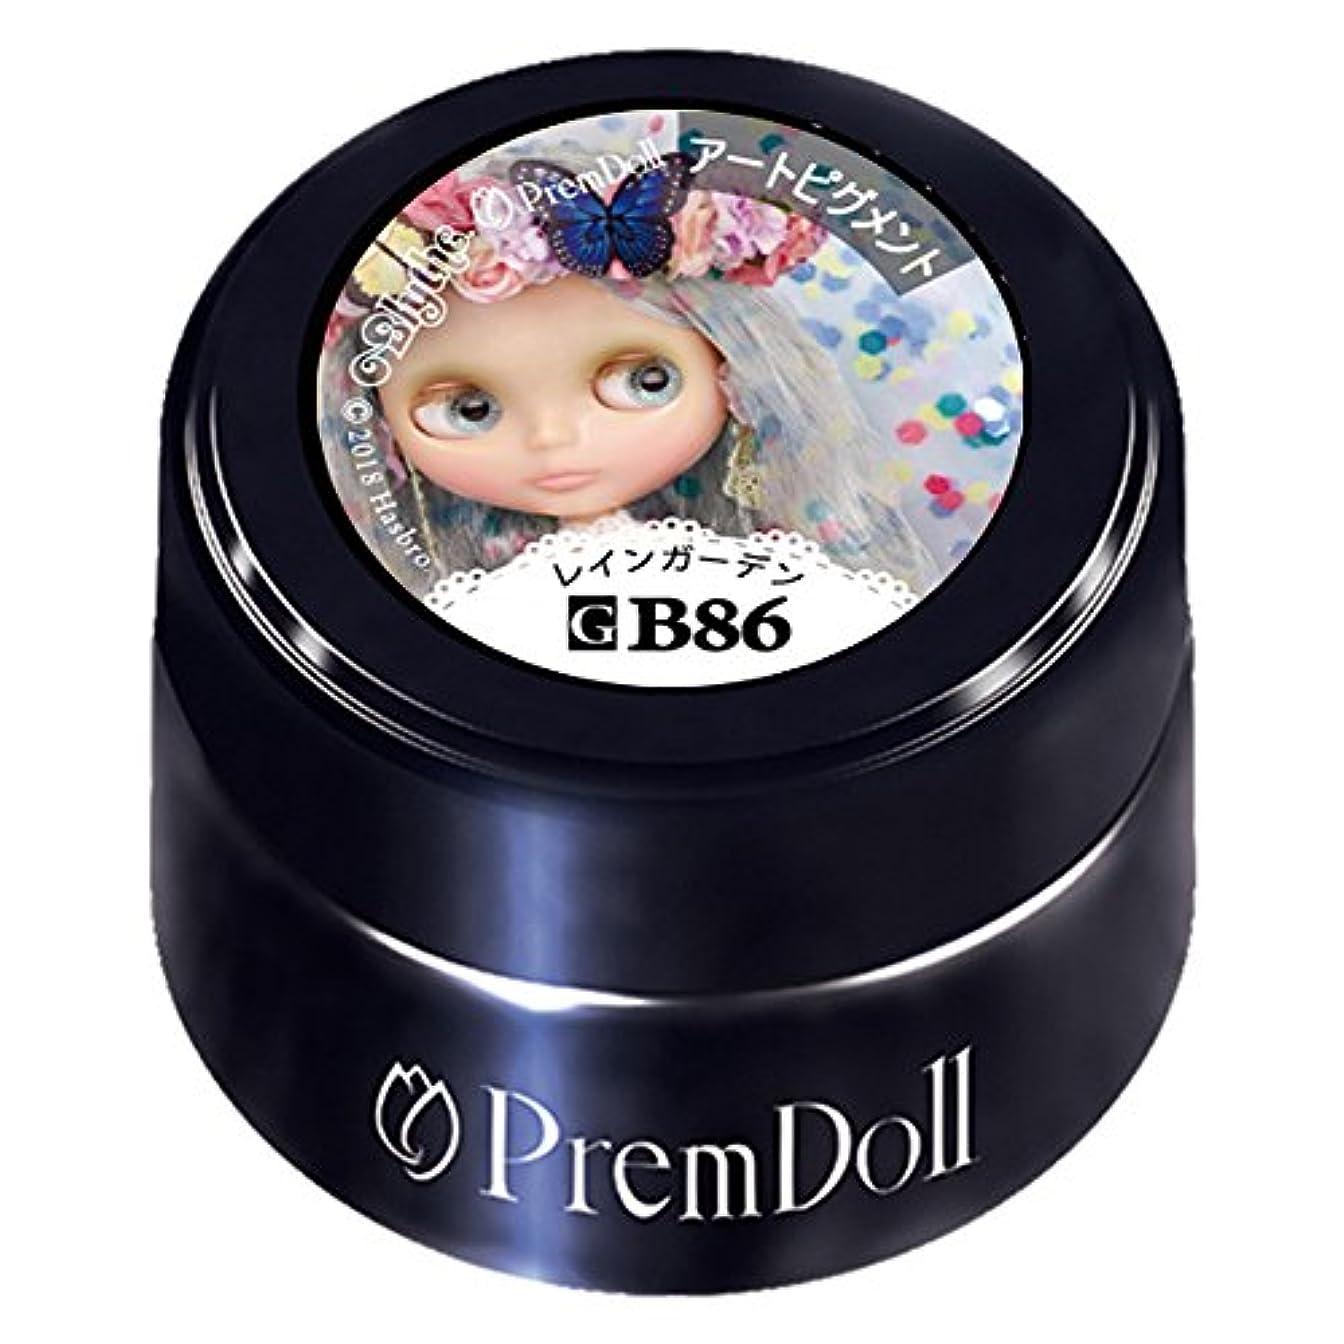 百科事典満足できる量PRE GEL プリムドールレインガーデン86 DOLL-B86 UV/LED対応